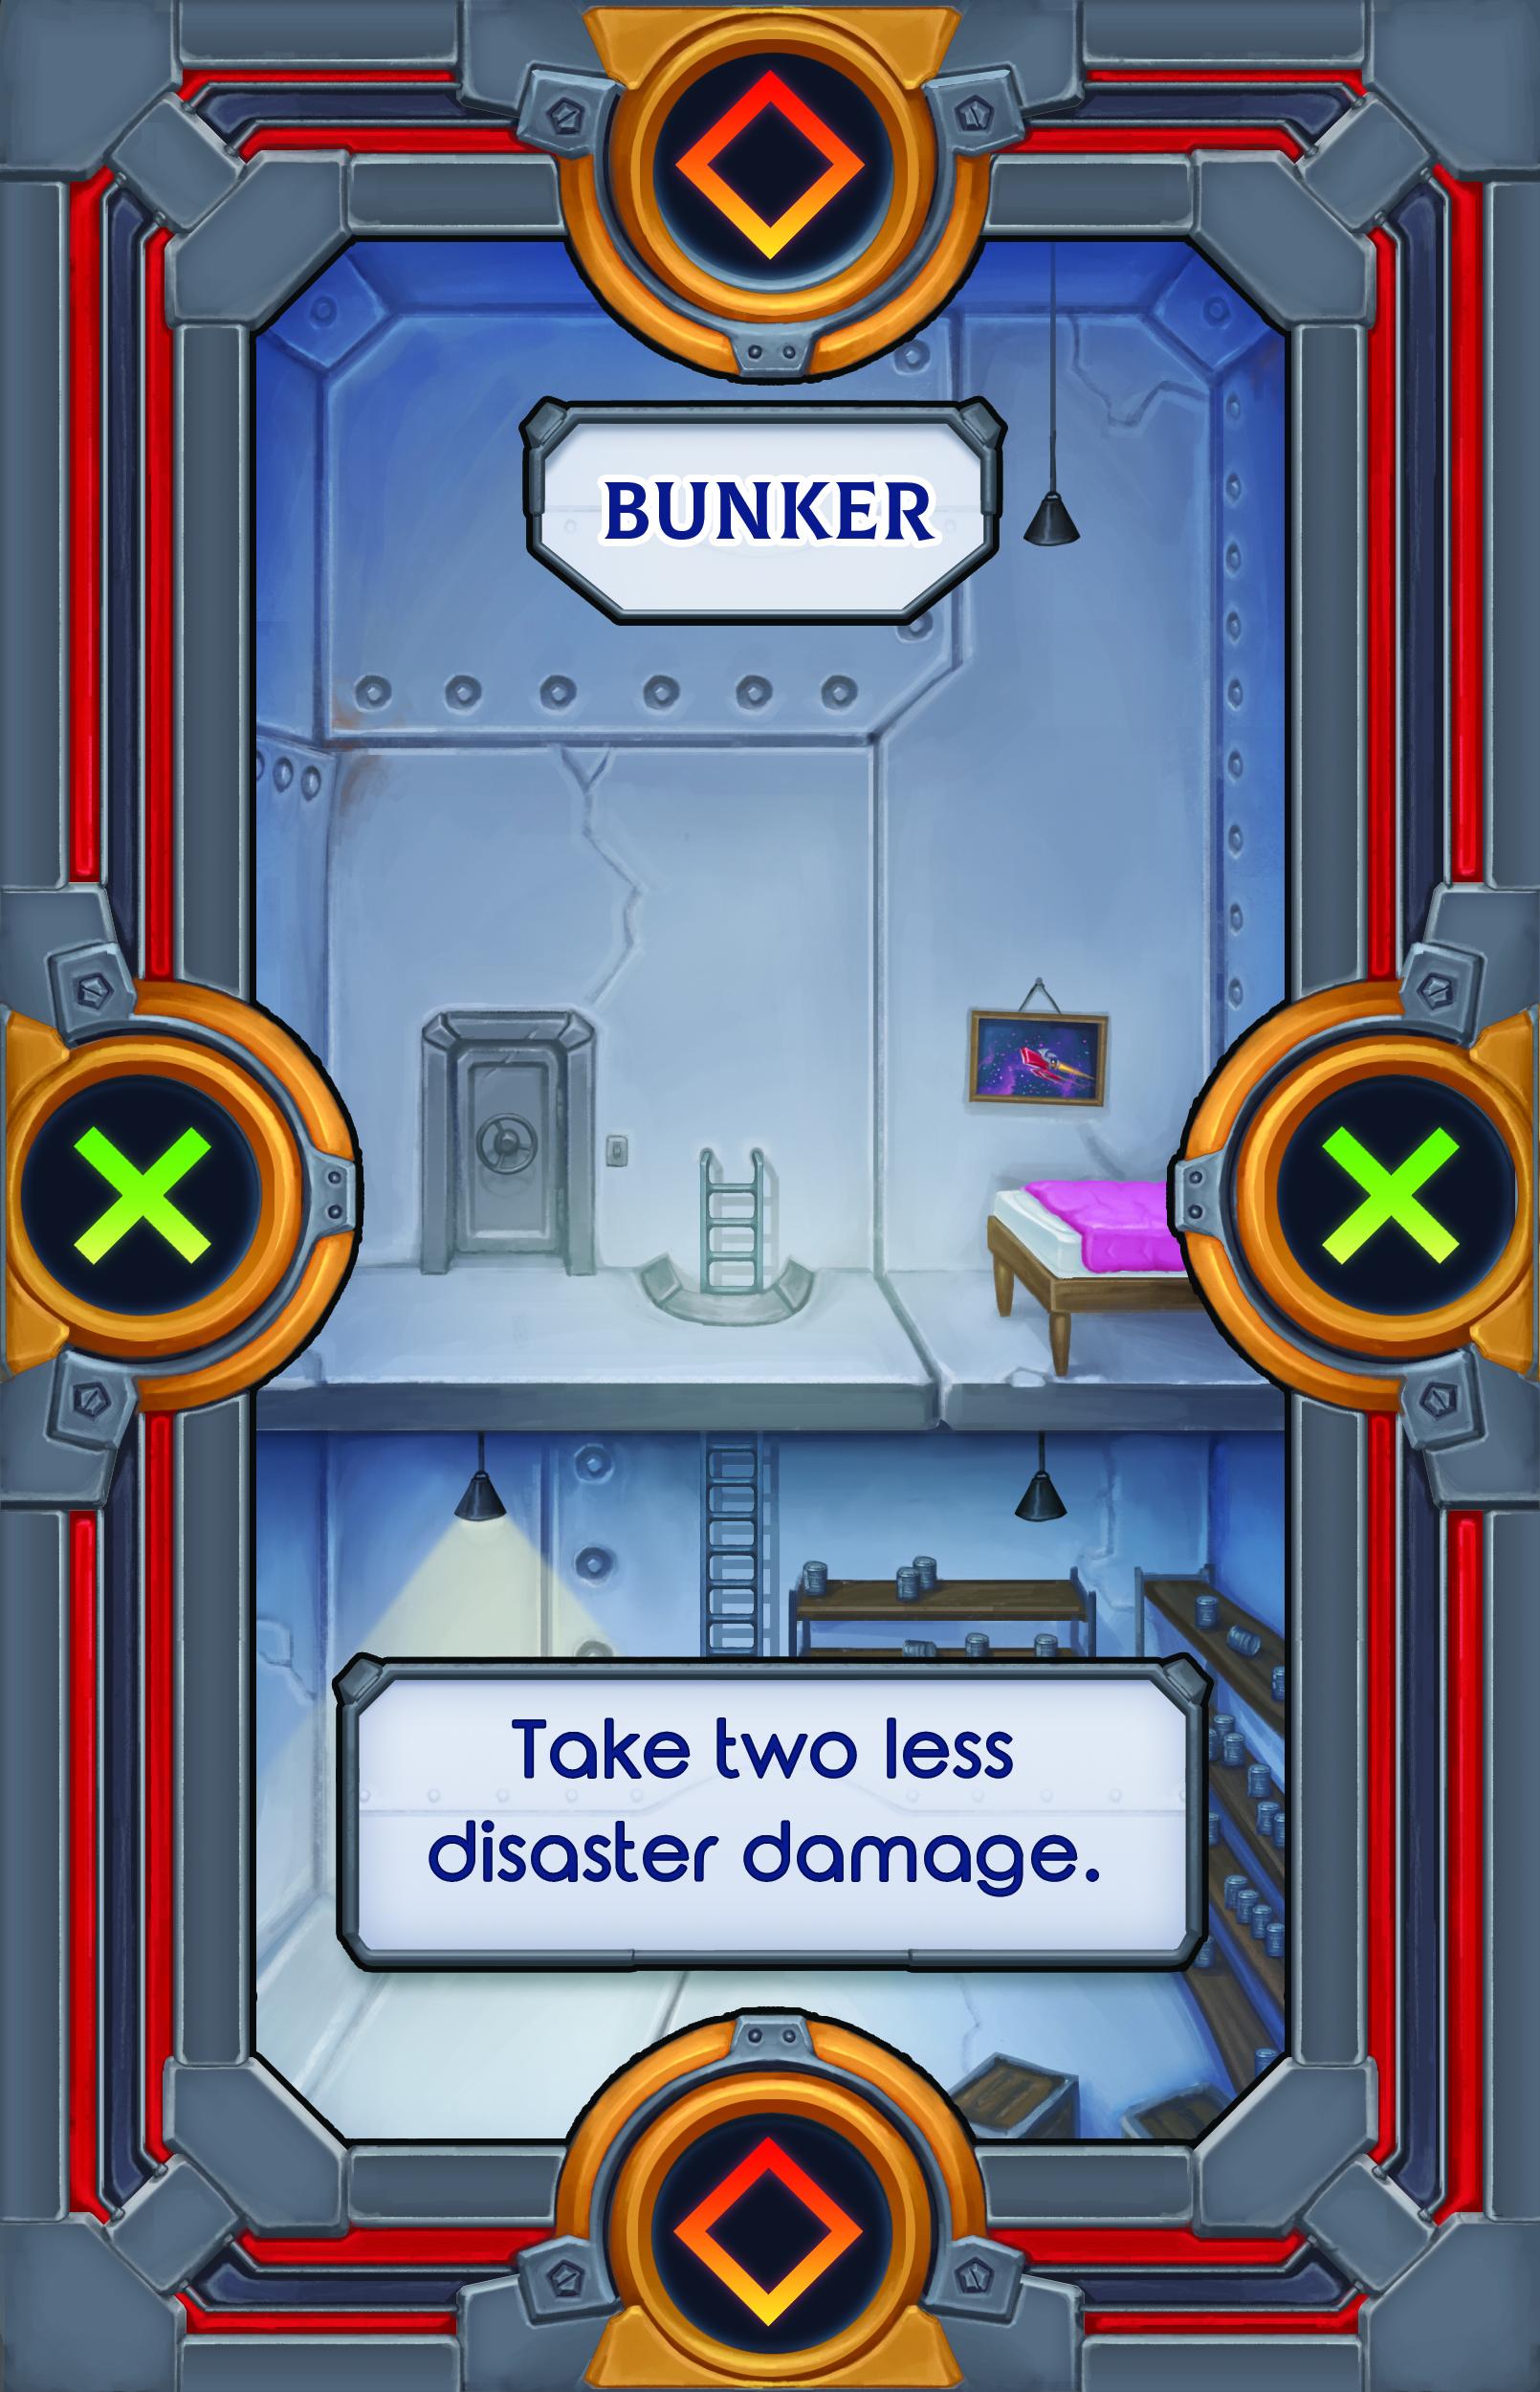 Bunker